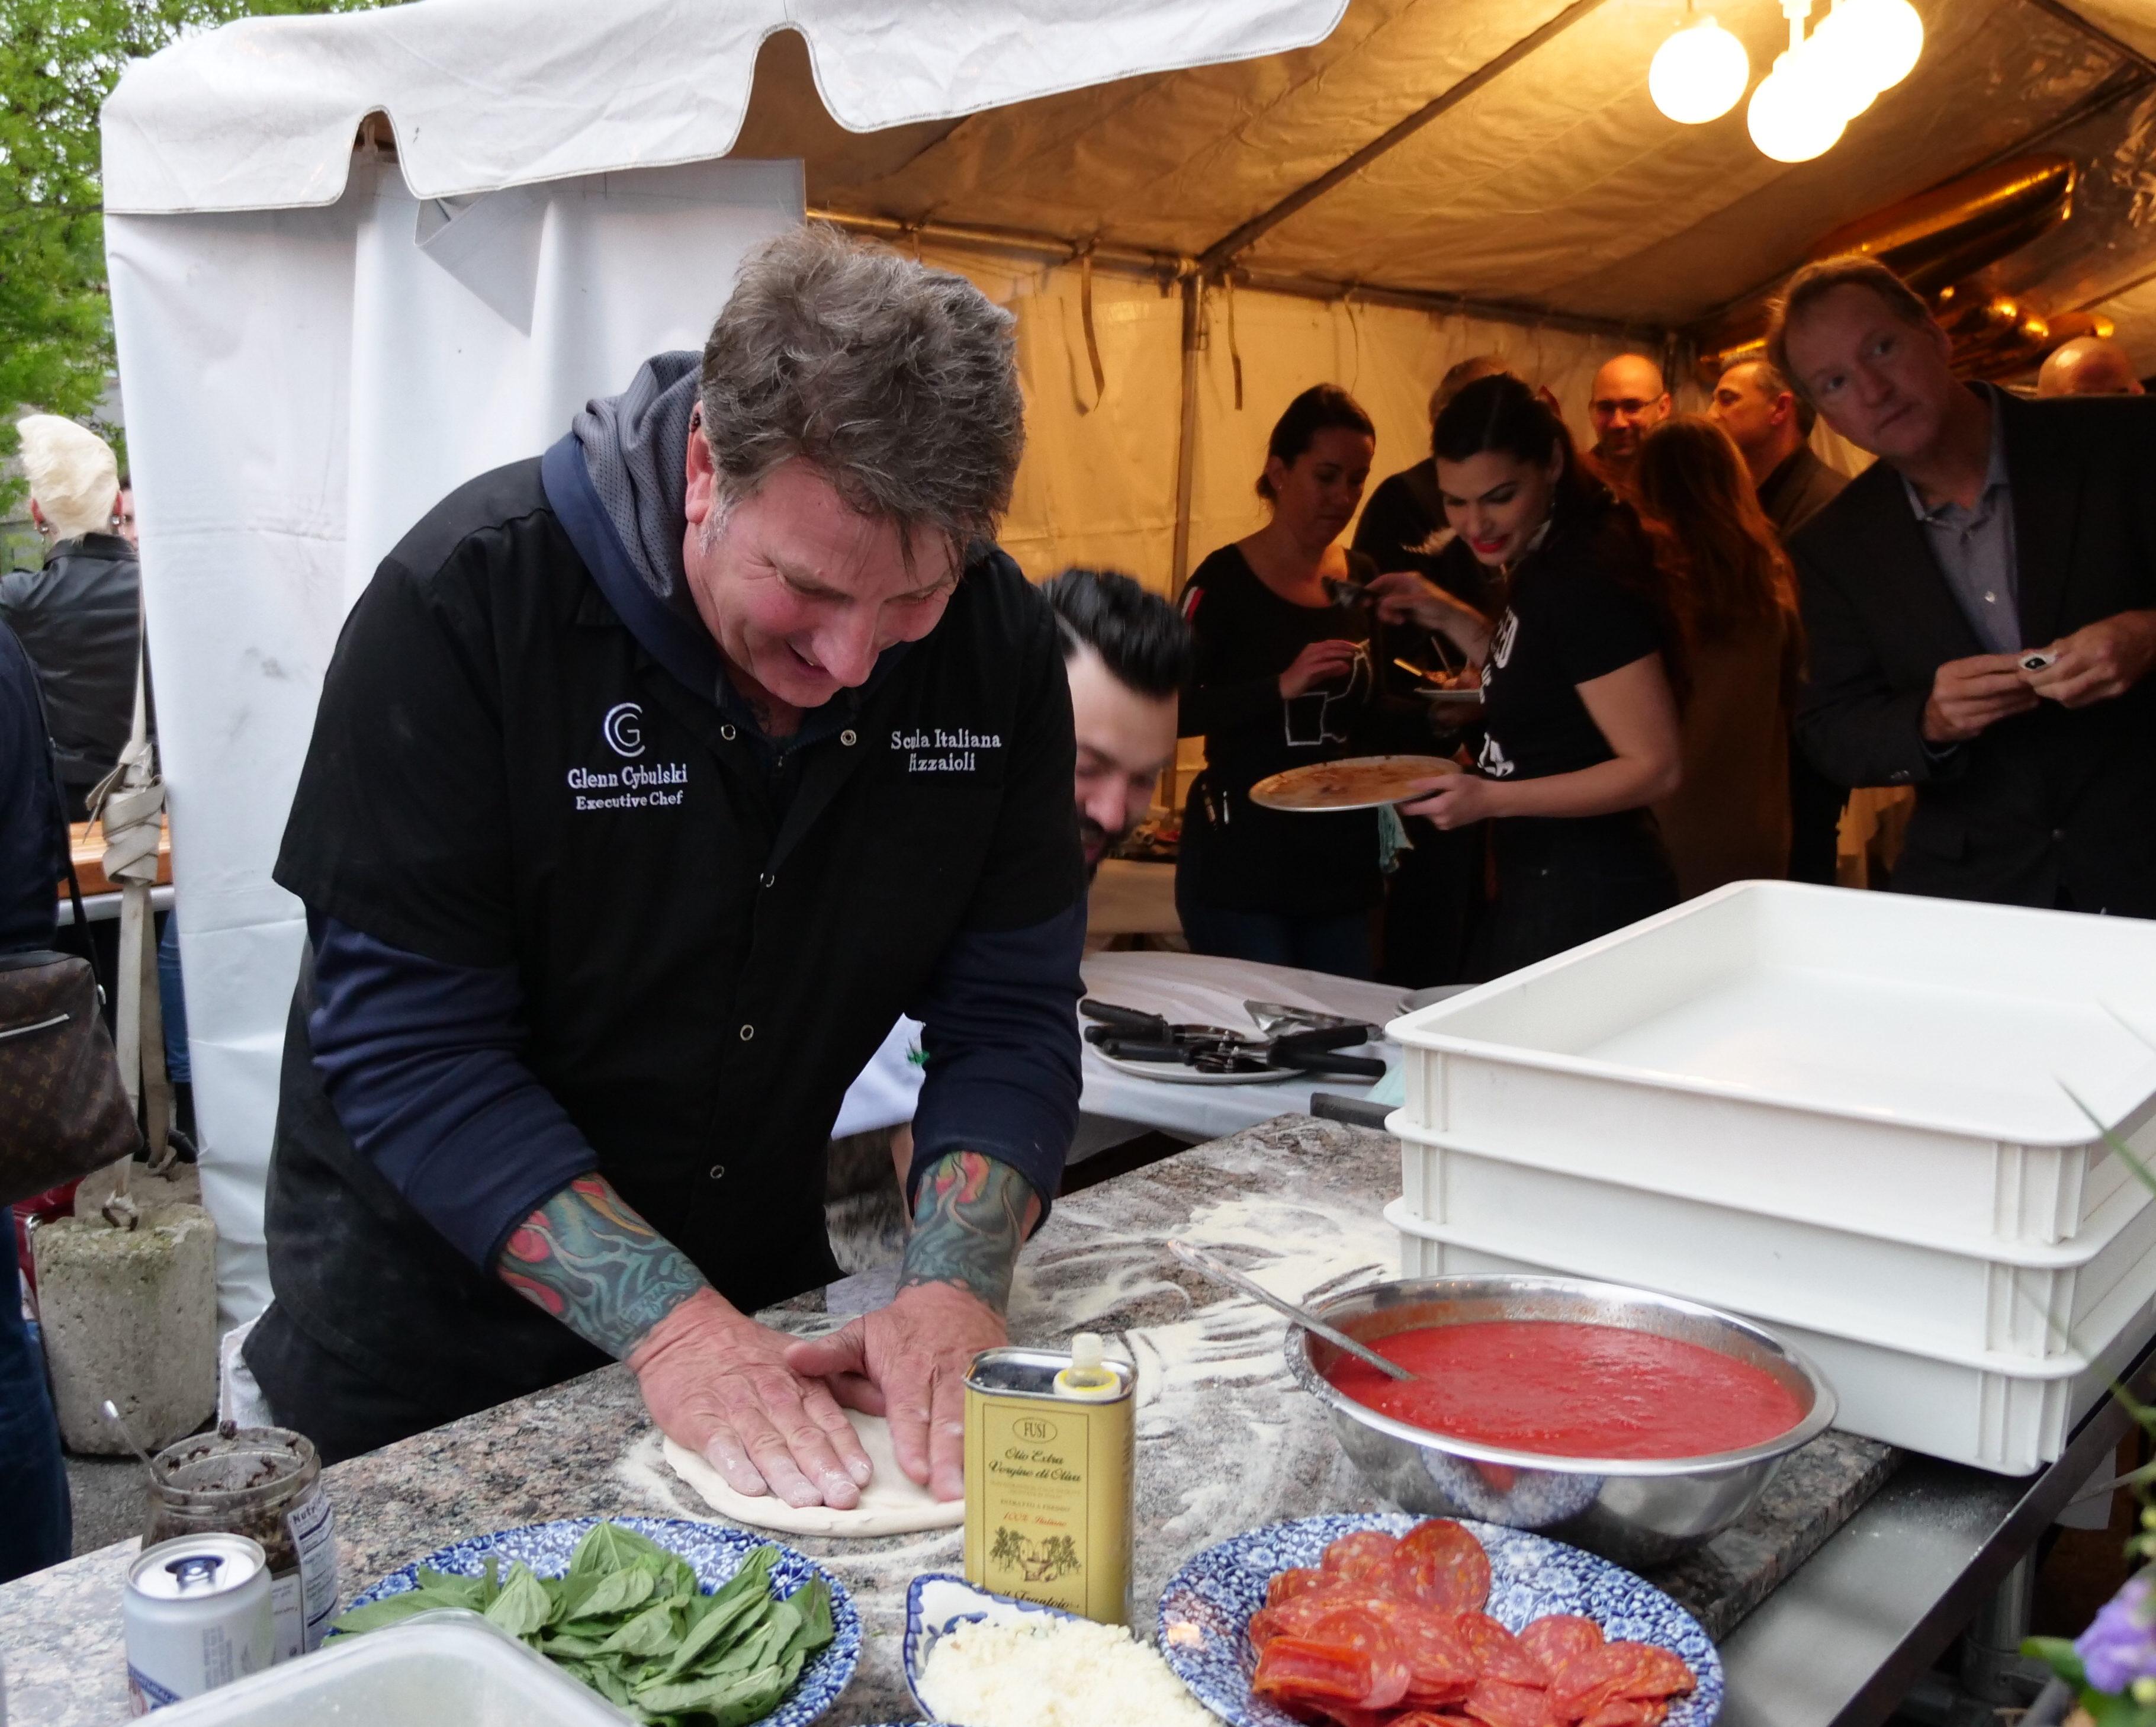 Chef Glenn Cybulski at NRA with Marra Forni 3